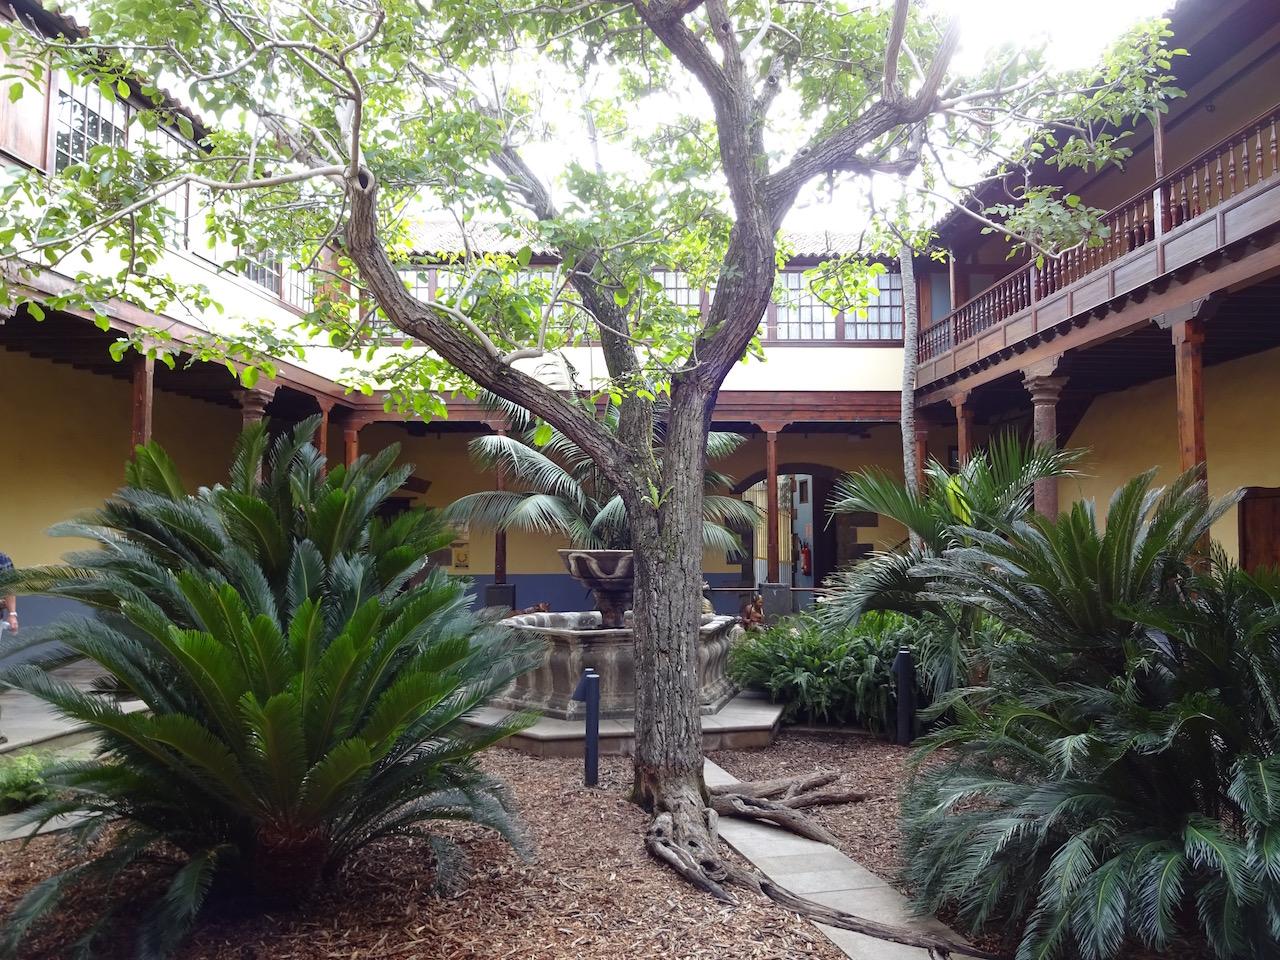 Innenhof in der Altstadt von La Laguna